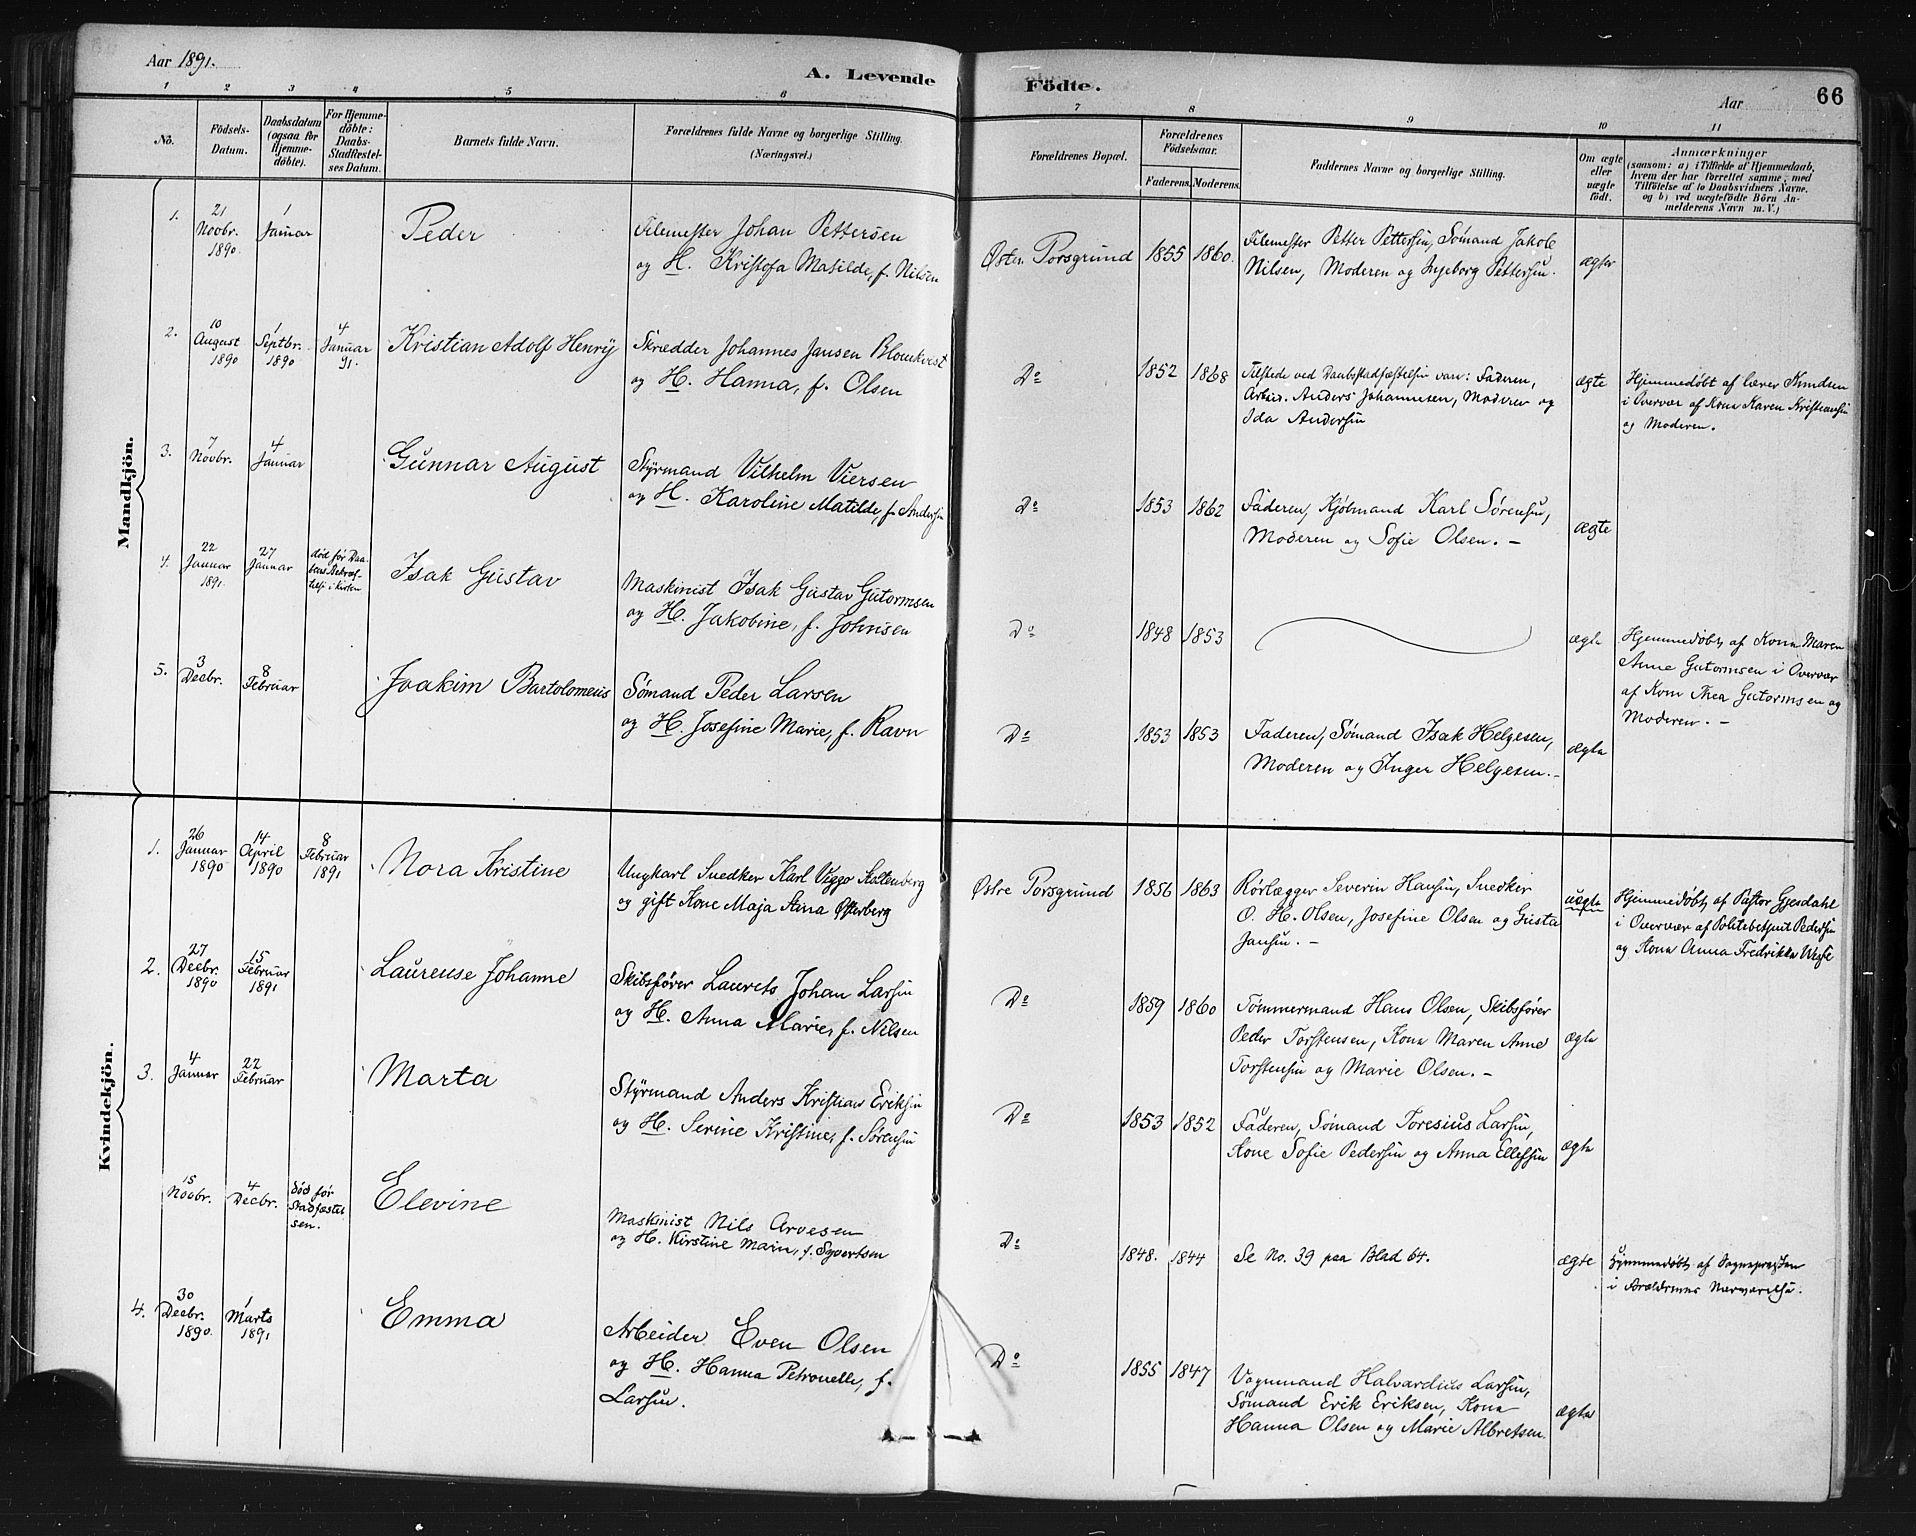 SAKO, Porsgrunn kirkebøker , G/Gb/L0005: Klokkerbok nr. II 5, 1883-1915, s. 66